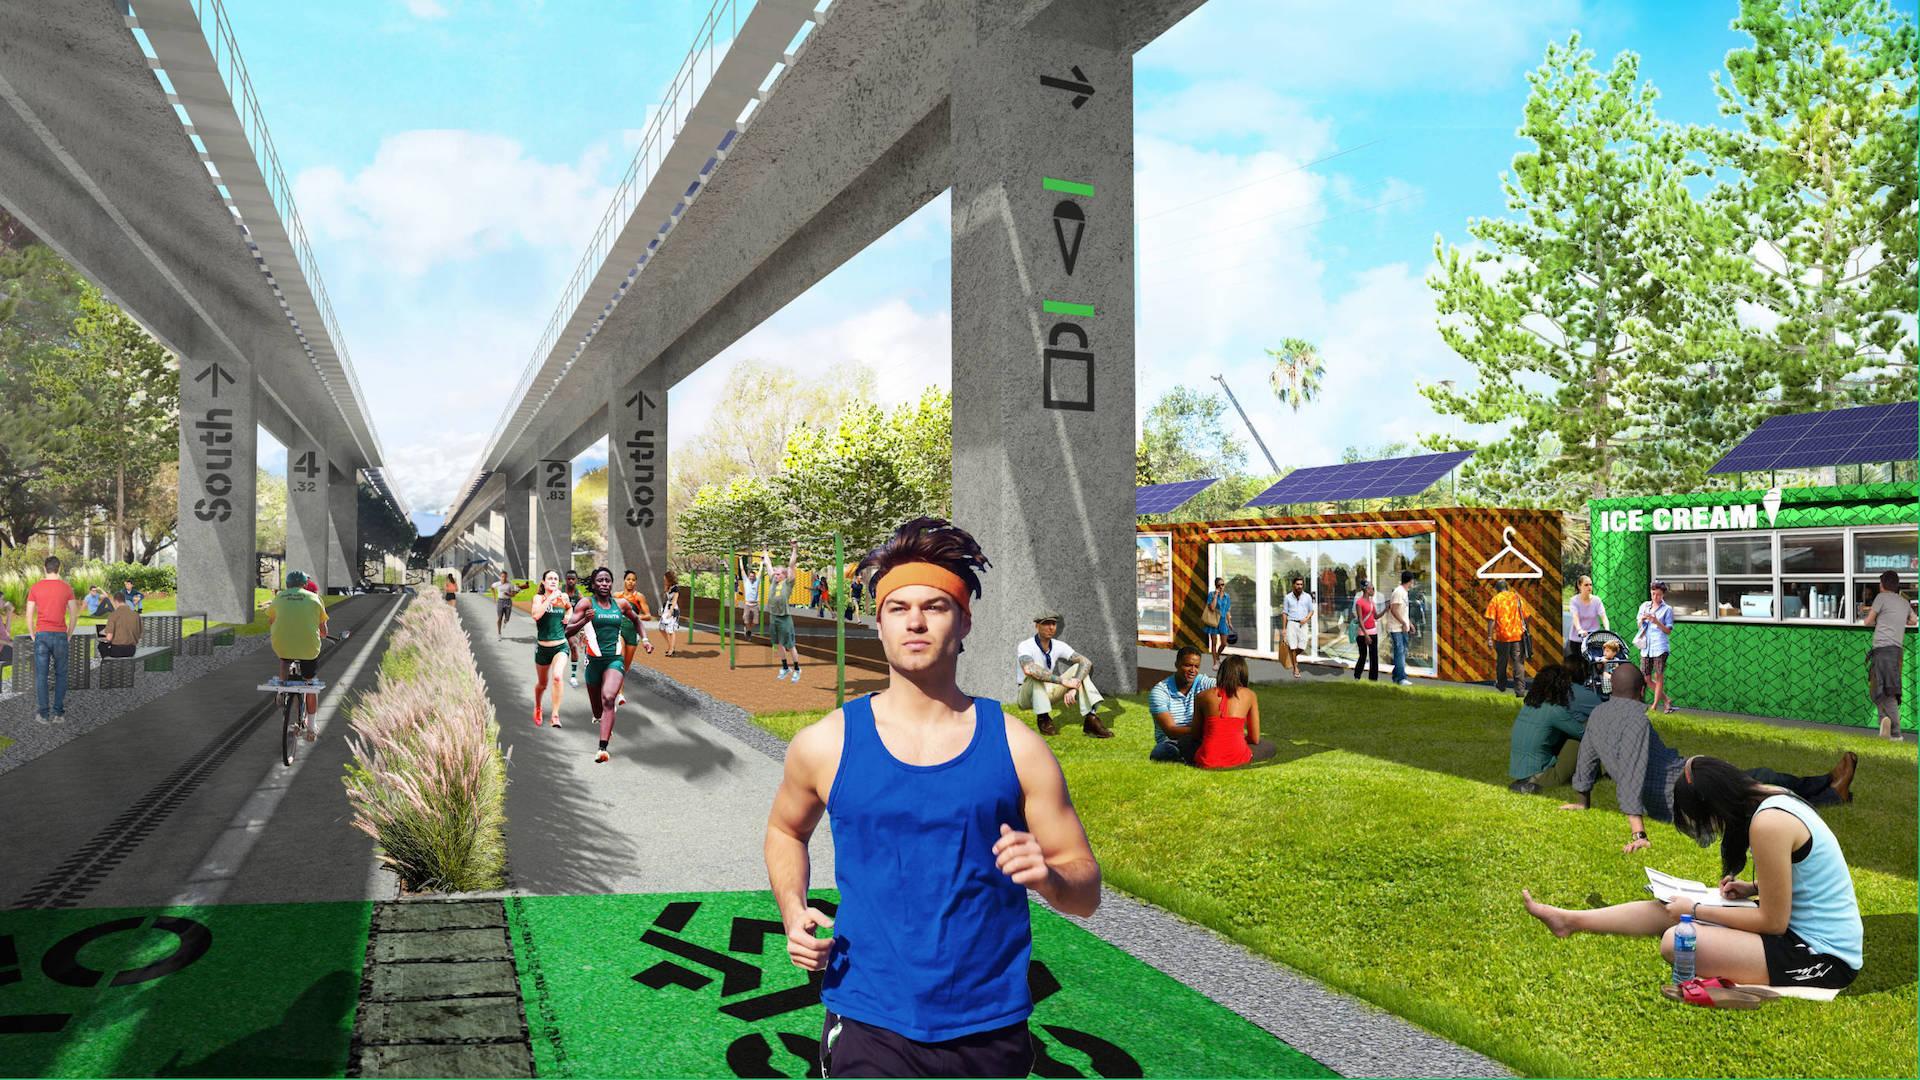 Miami tendrá su nuevo parque Underline, al mejor estilo del High Line de NY - 5